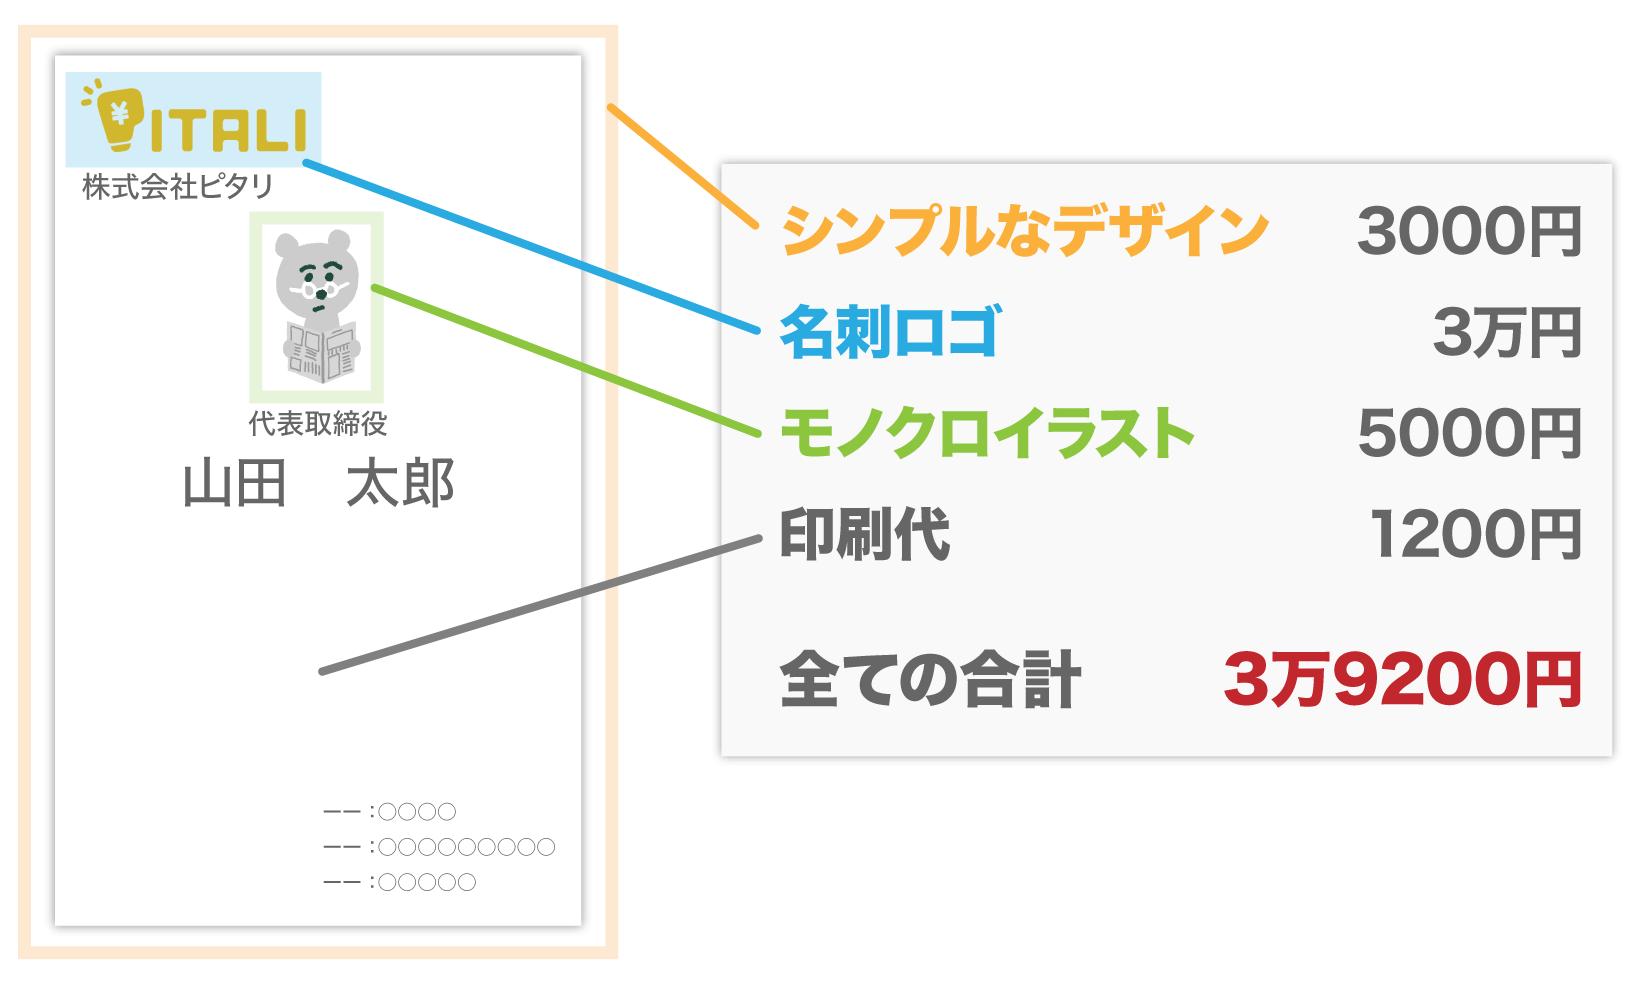 名刺の価格例は、シンプルなデザイン3000円、モノクロイラスト5000円、名刺ロゴ3万円、印刷代1200円で合計3万9200円